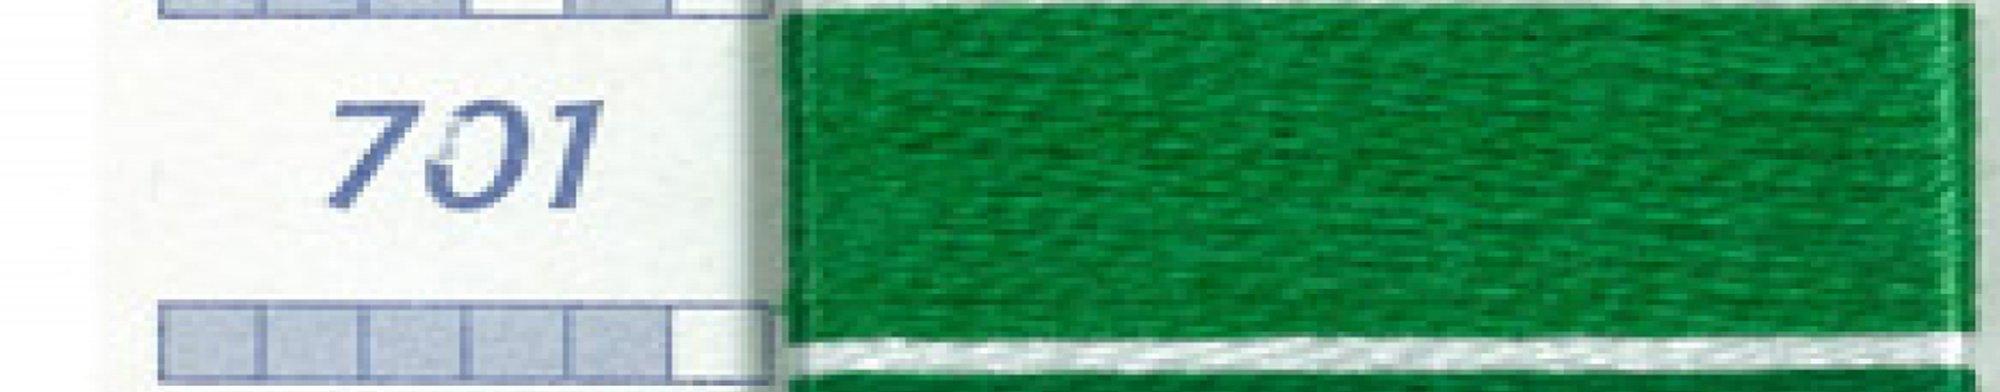 DP3-701-LT GREEN